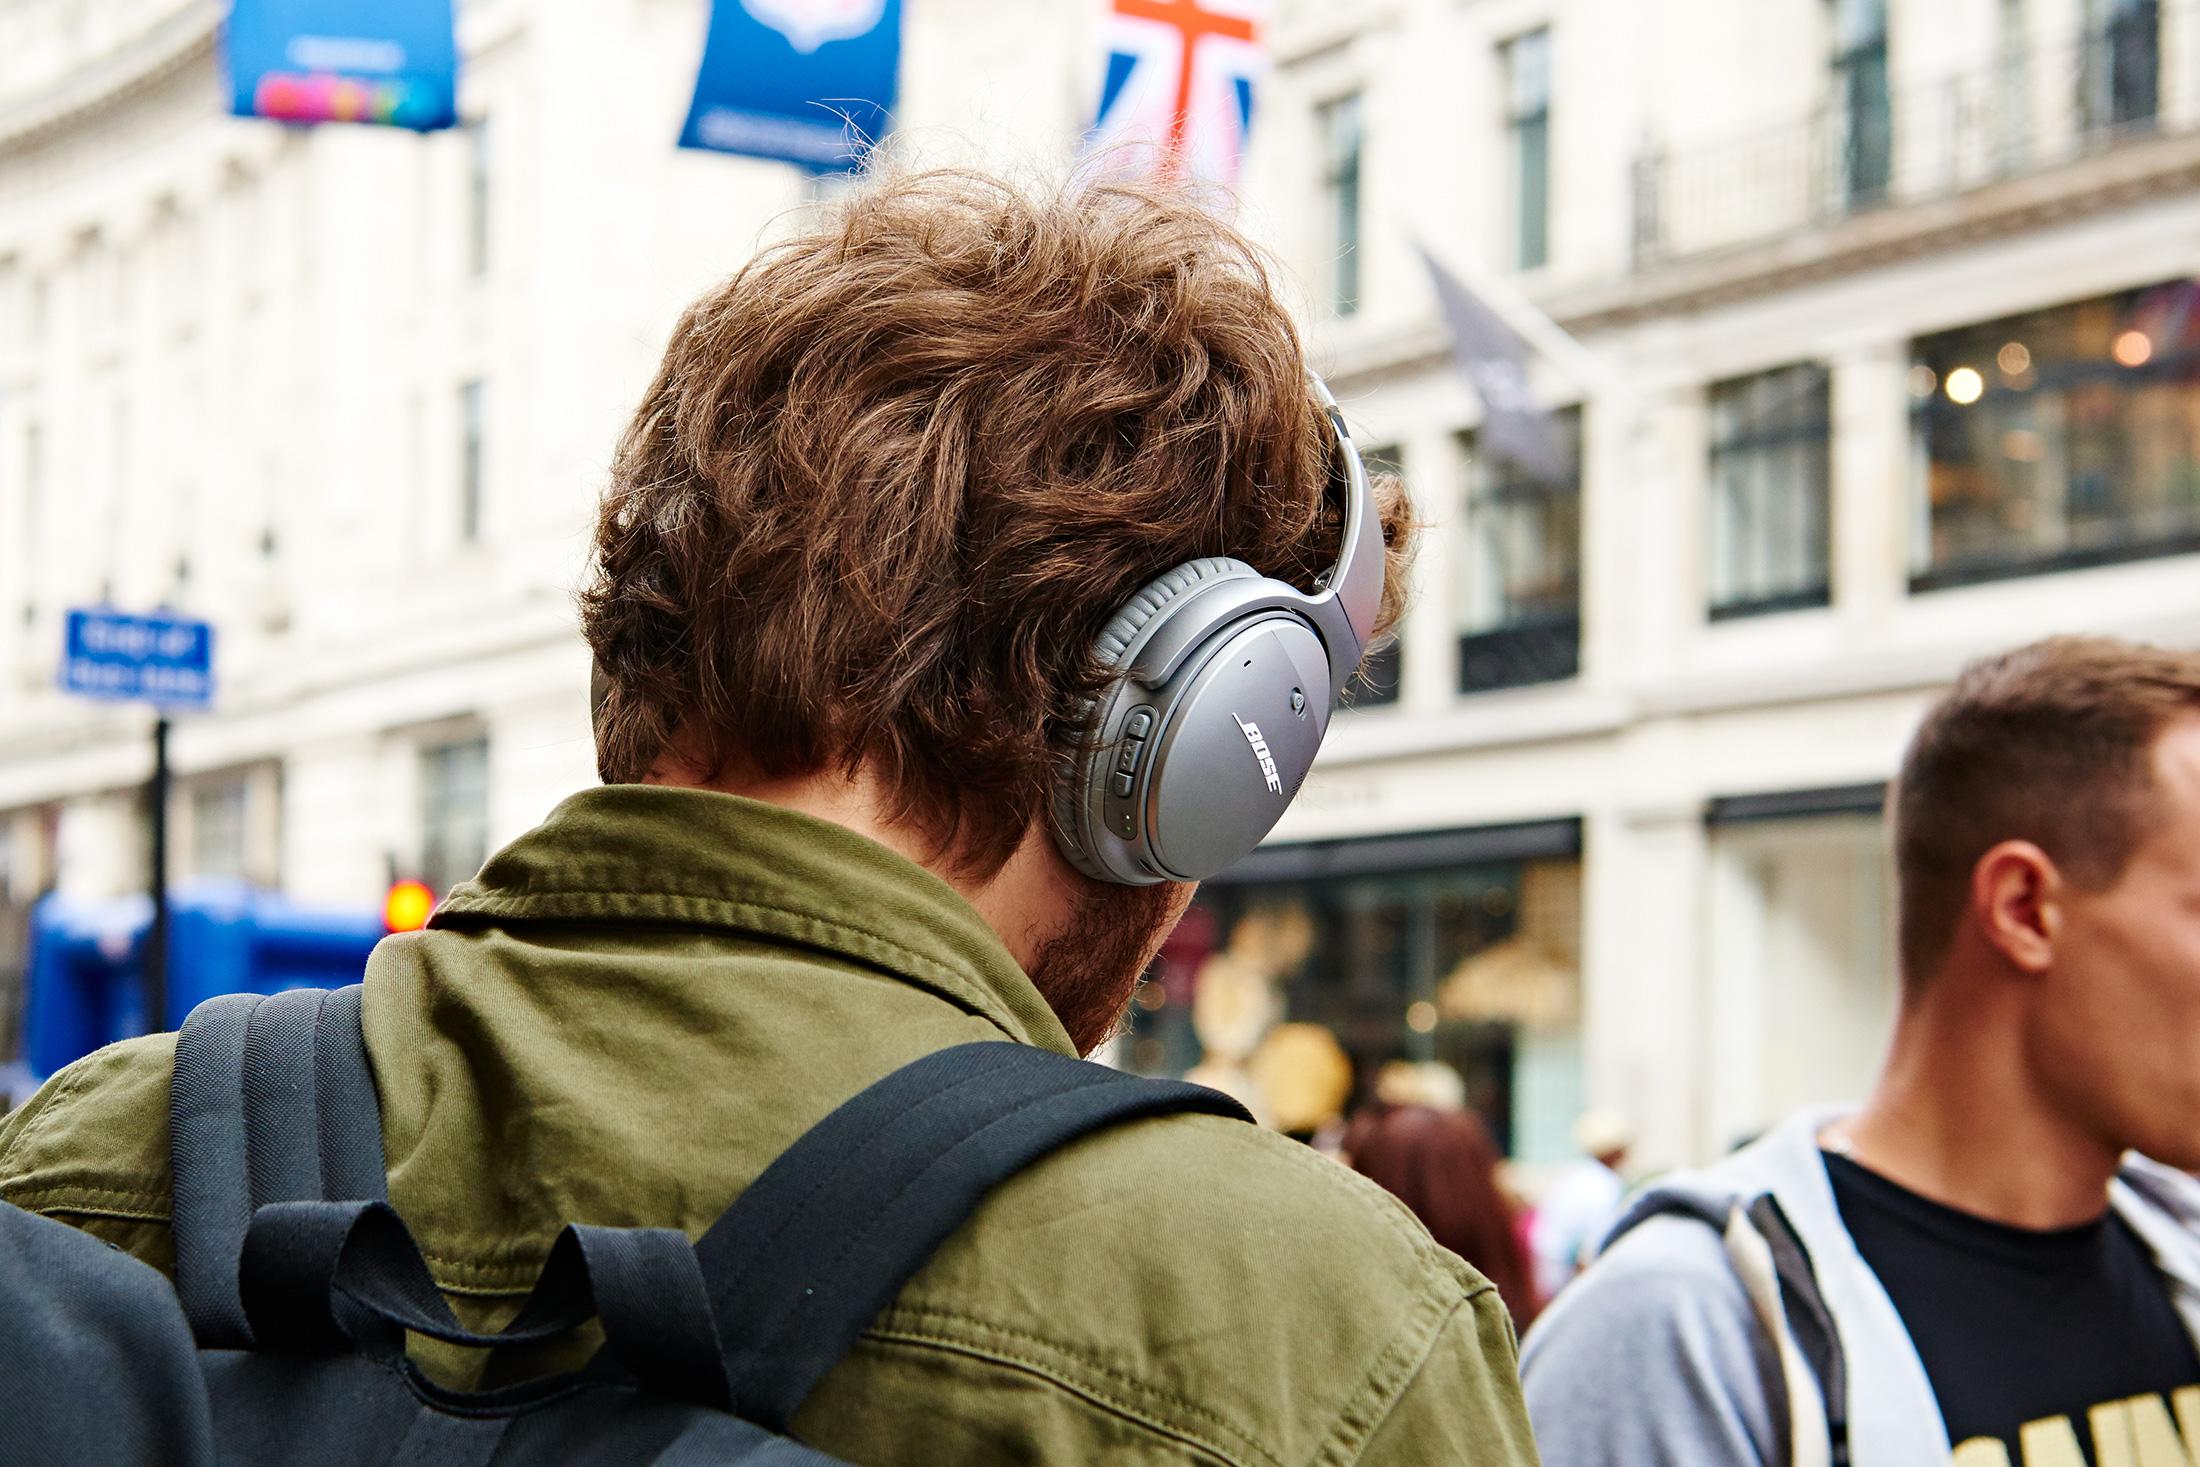 dan-event-photographer-london 34.jpg